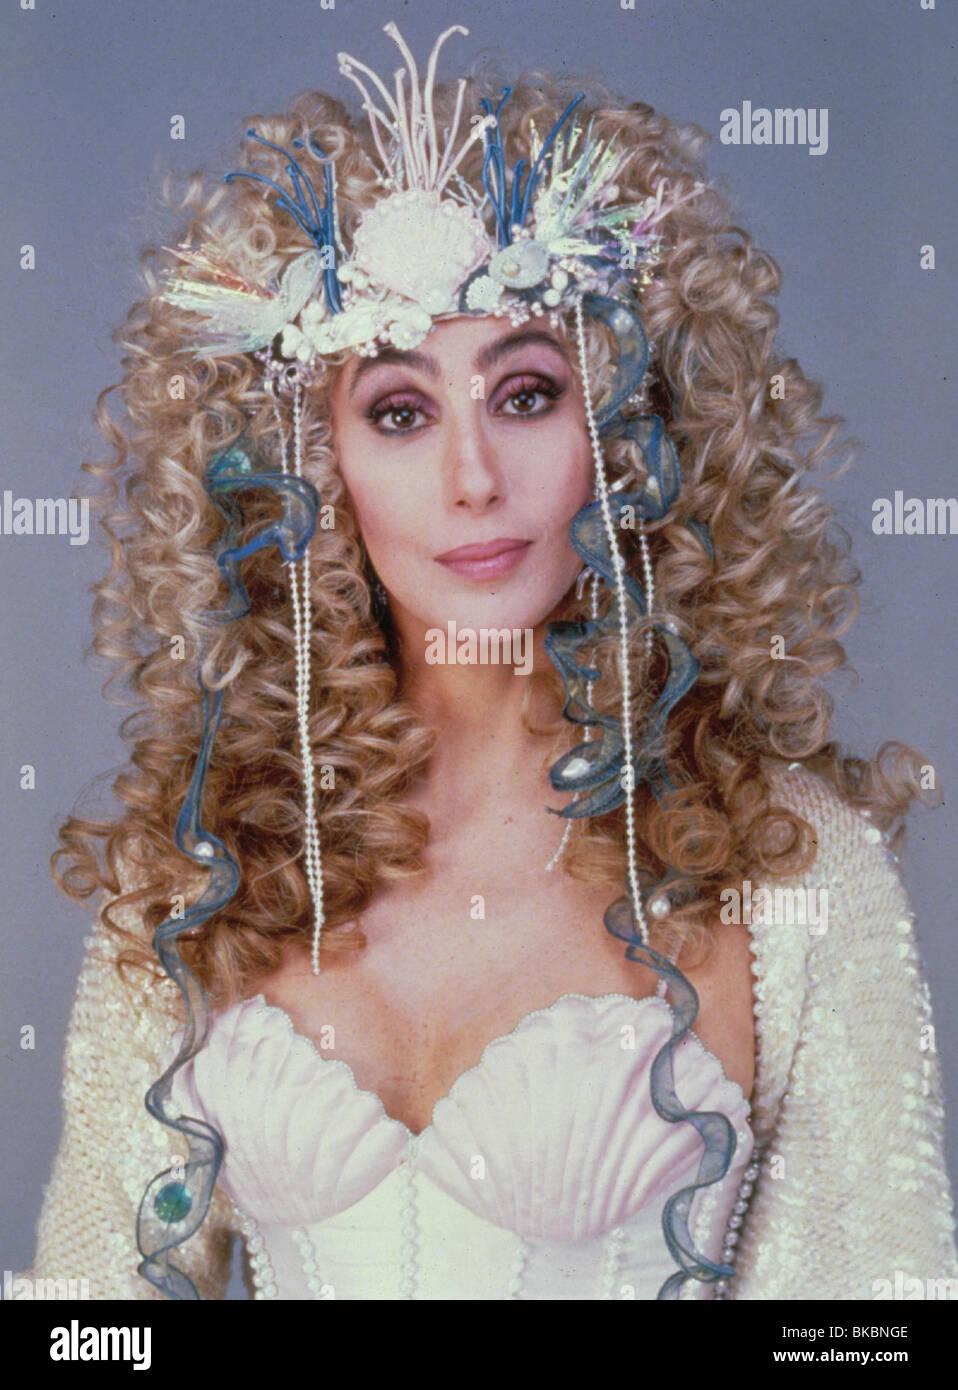 Sirenas -1990 Cher Imagen De Stock